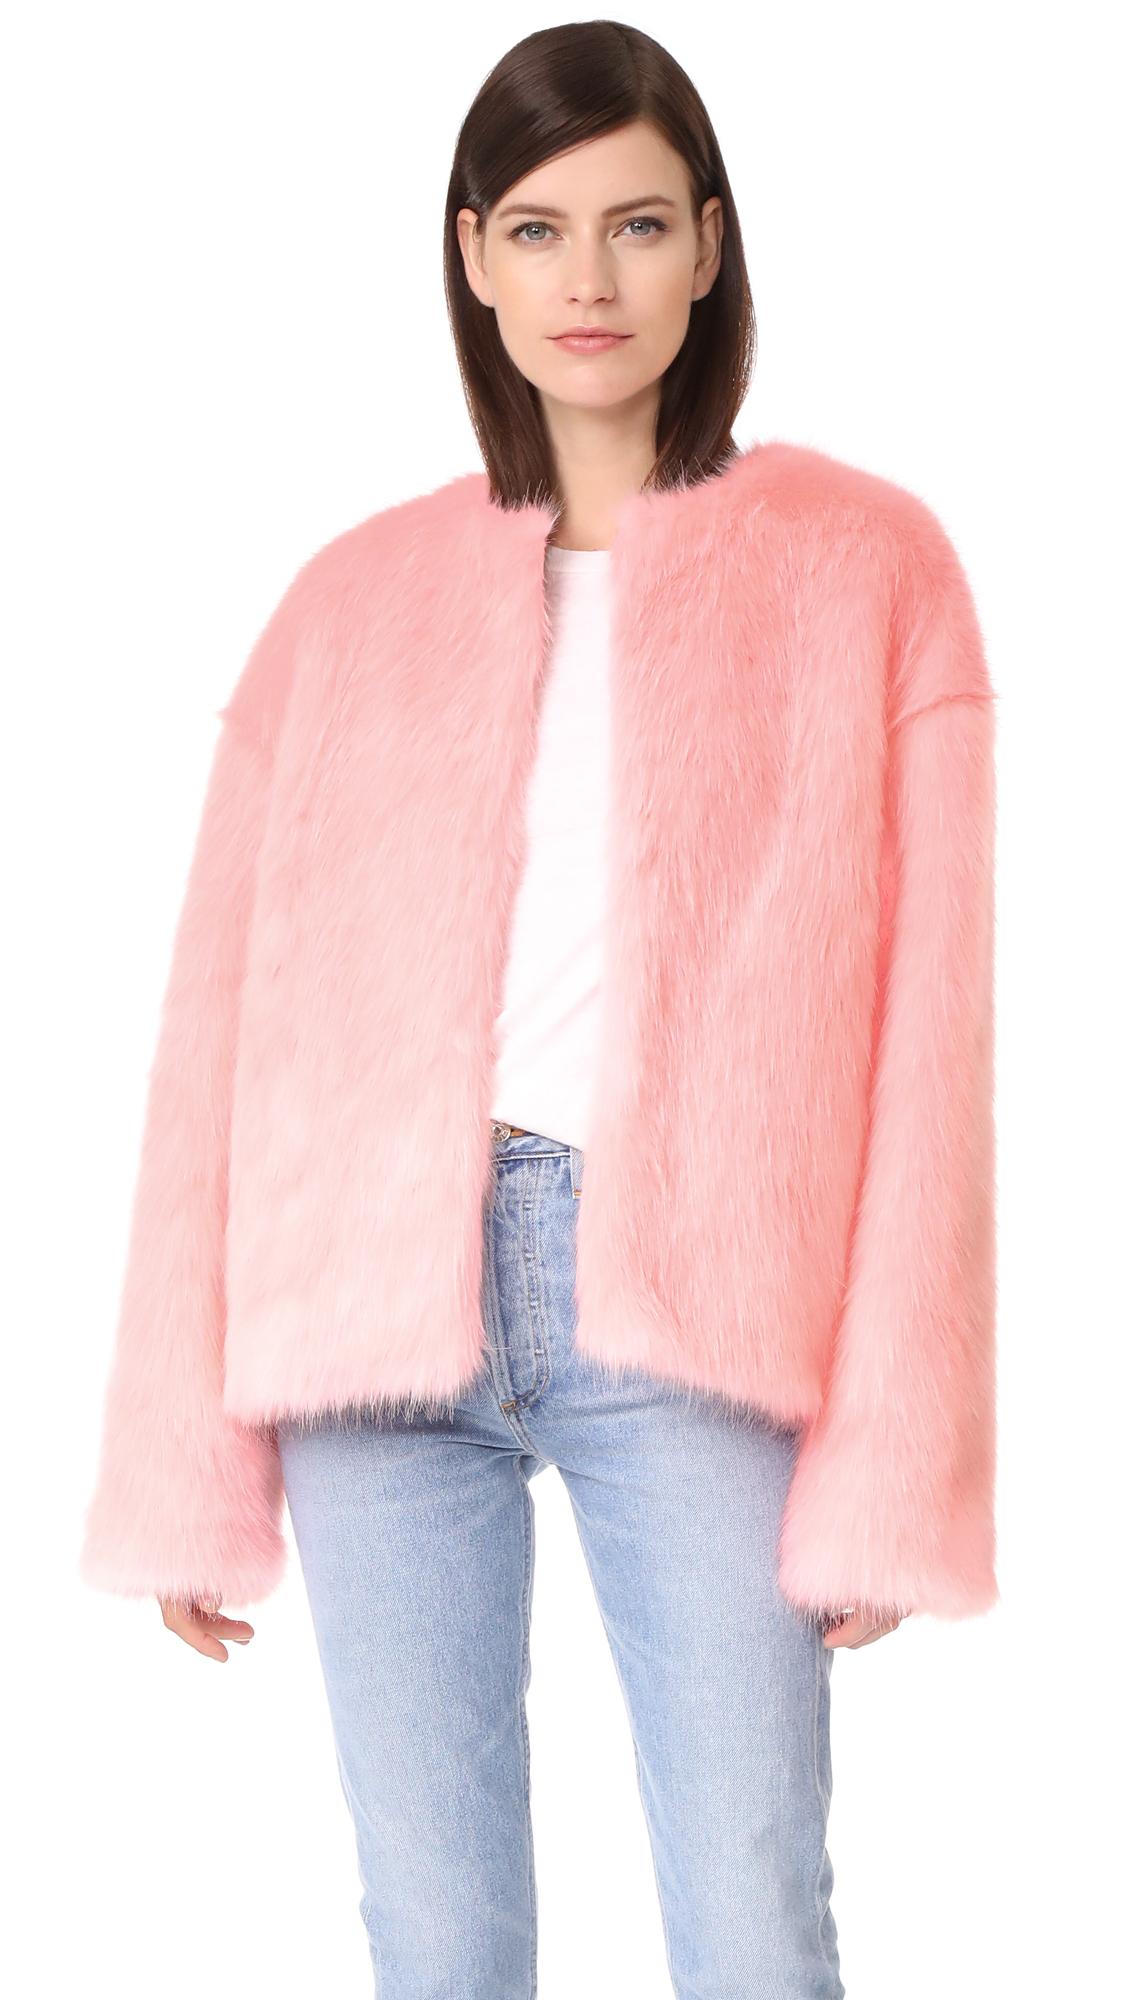 LEHA Hann Faux Fur Jacket - Pink